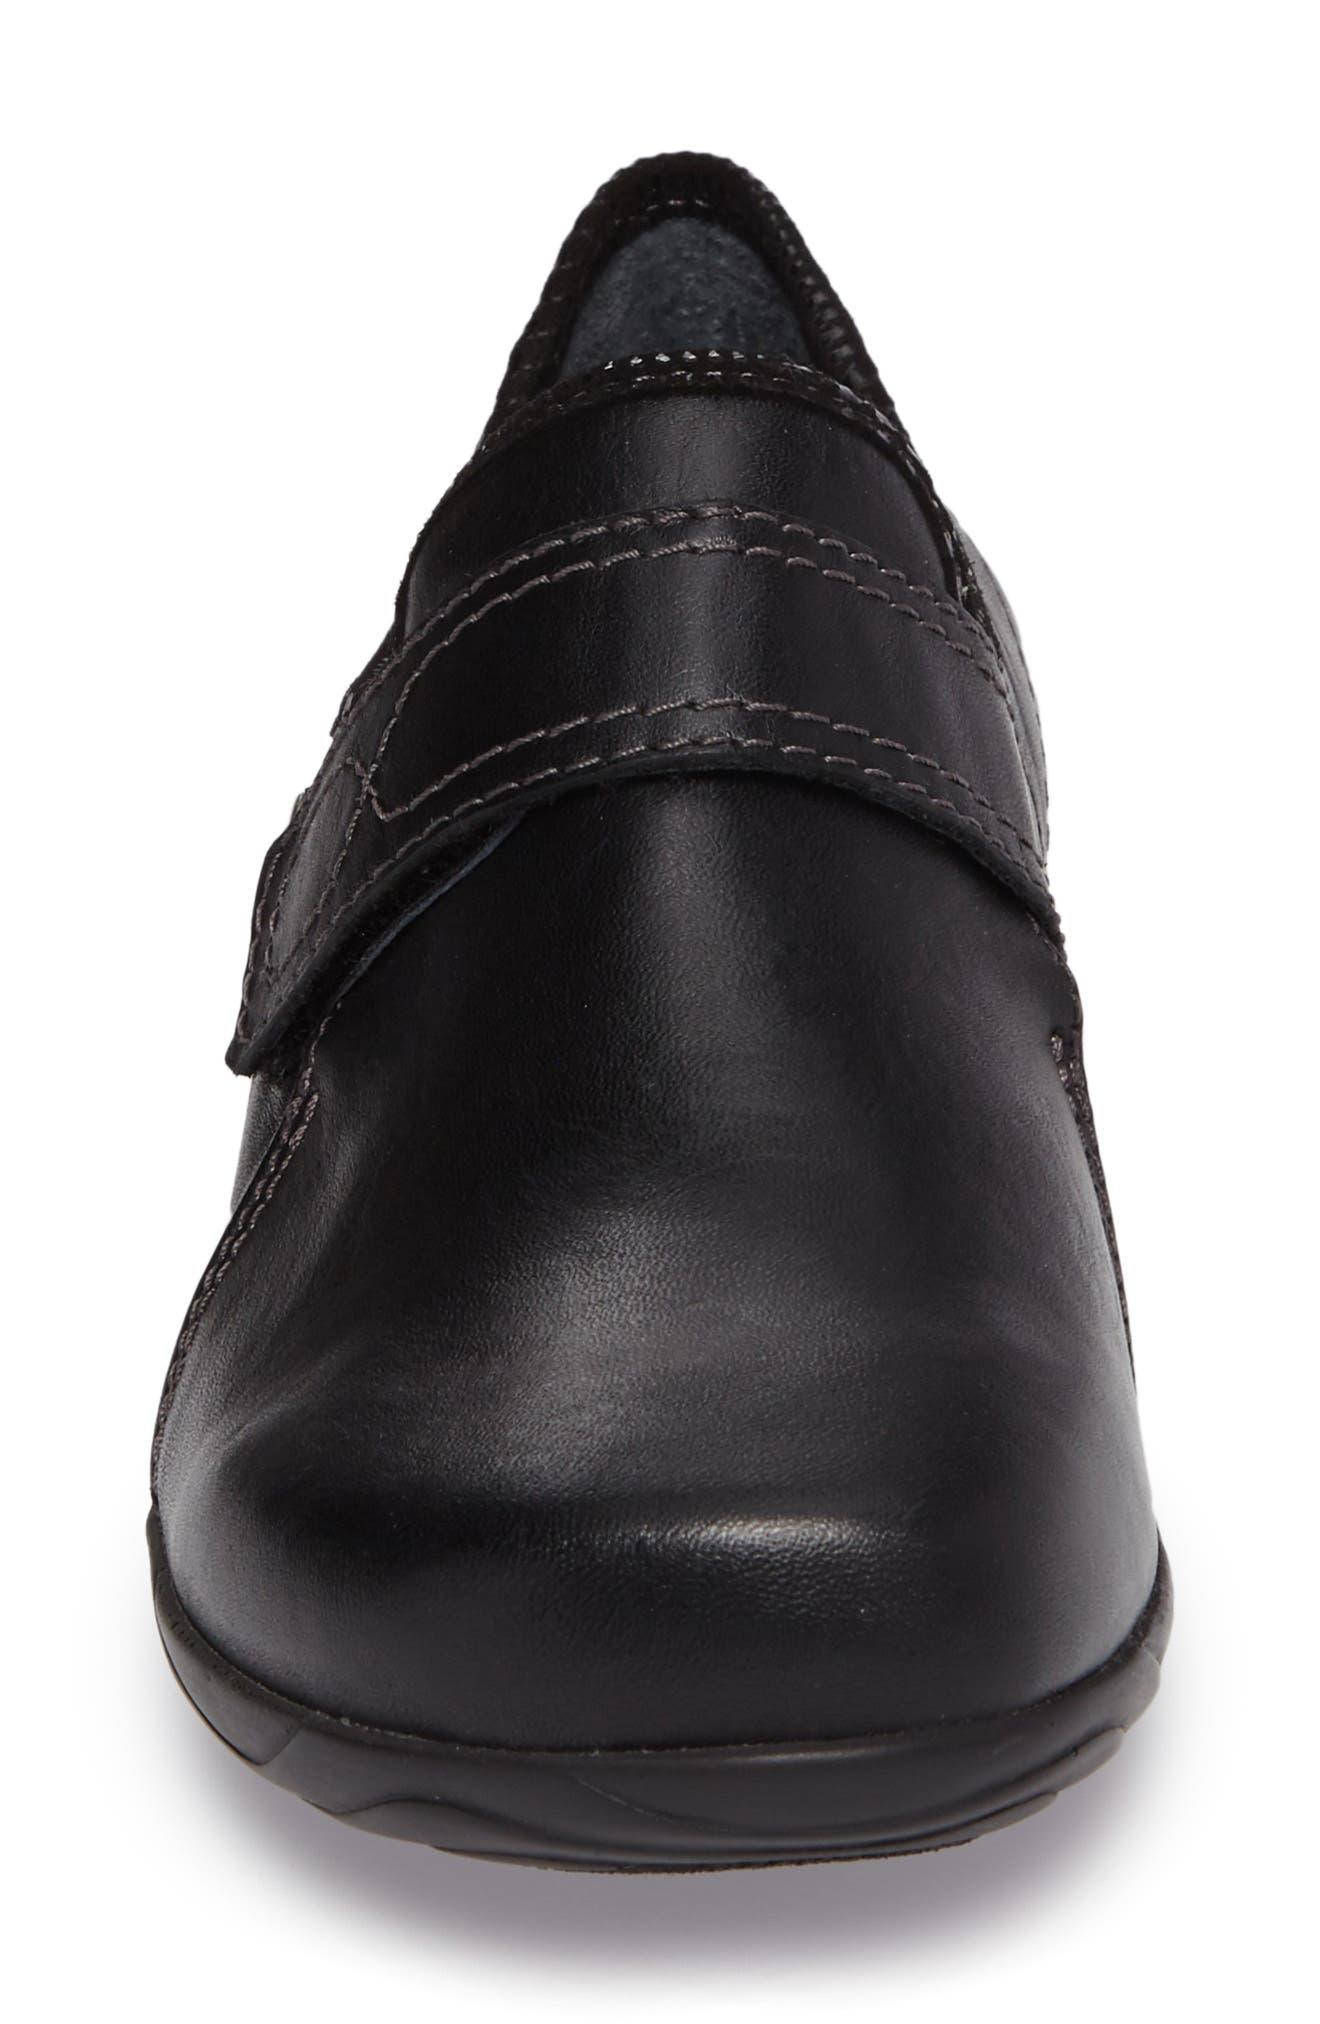 Desna Slip-On Sneaker,                             Alternate thumbnail 4, color,                             001